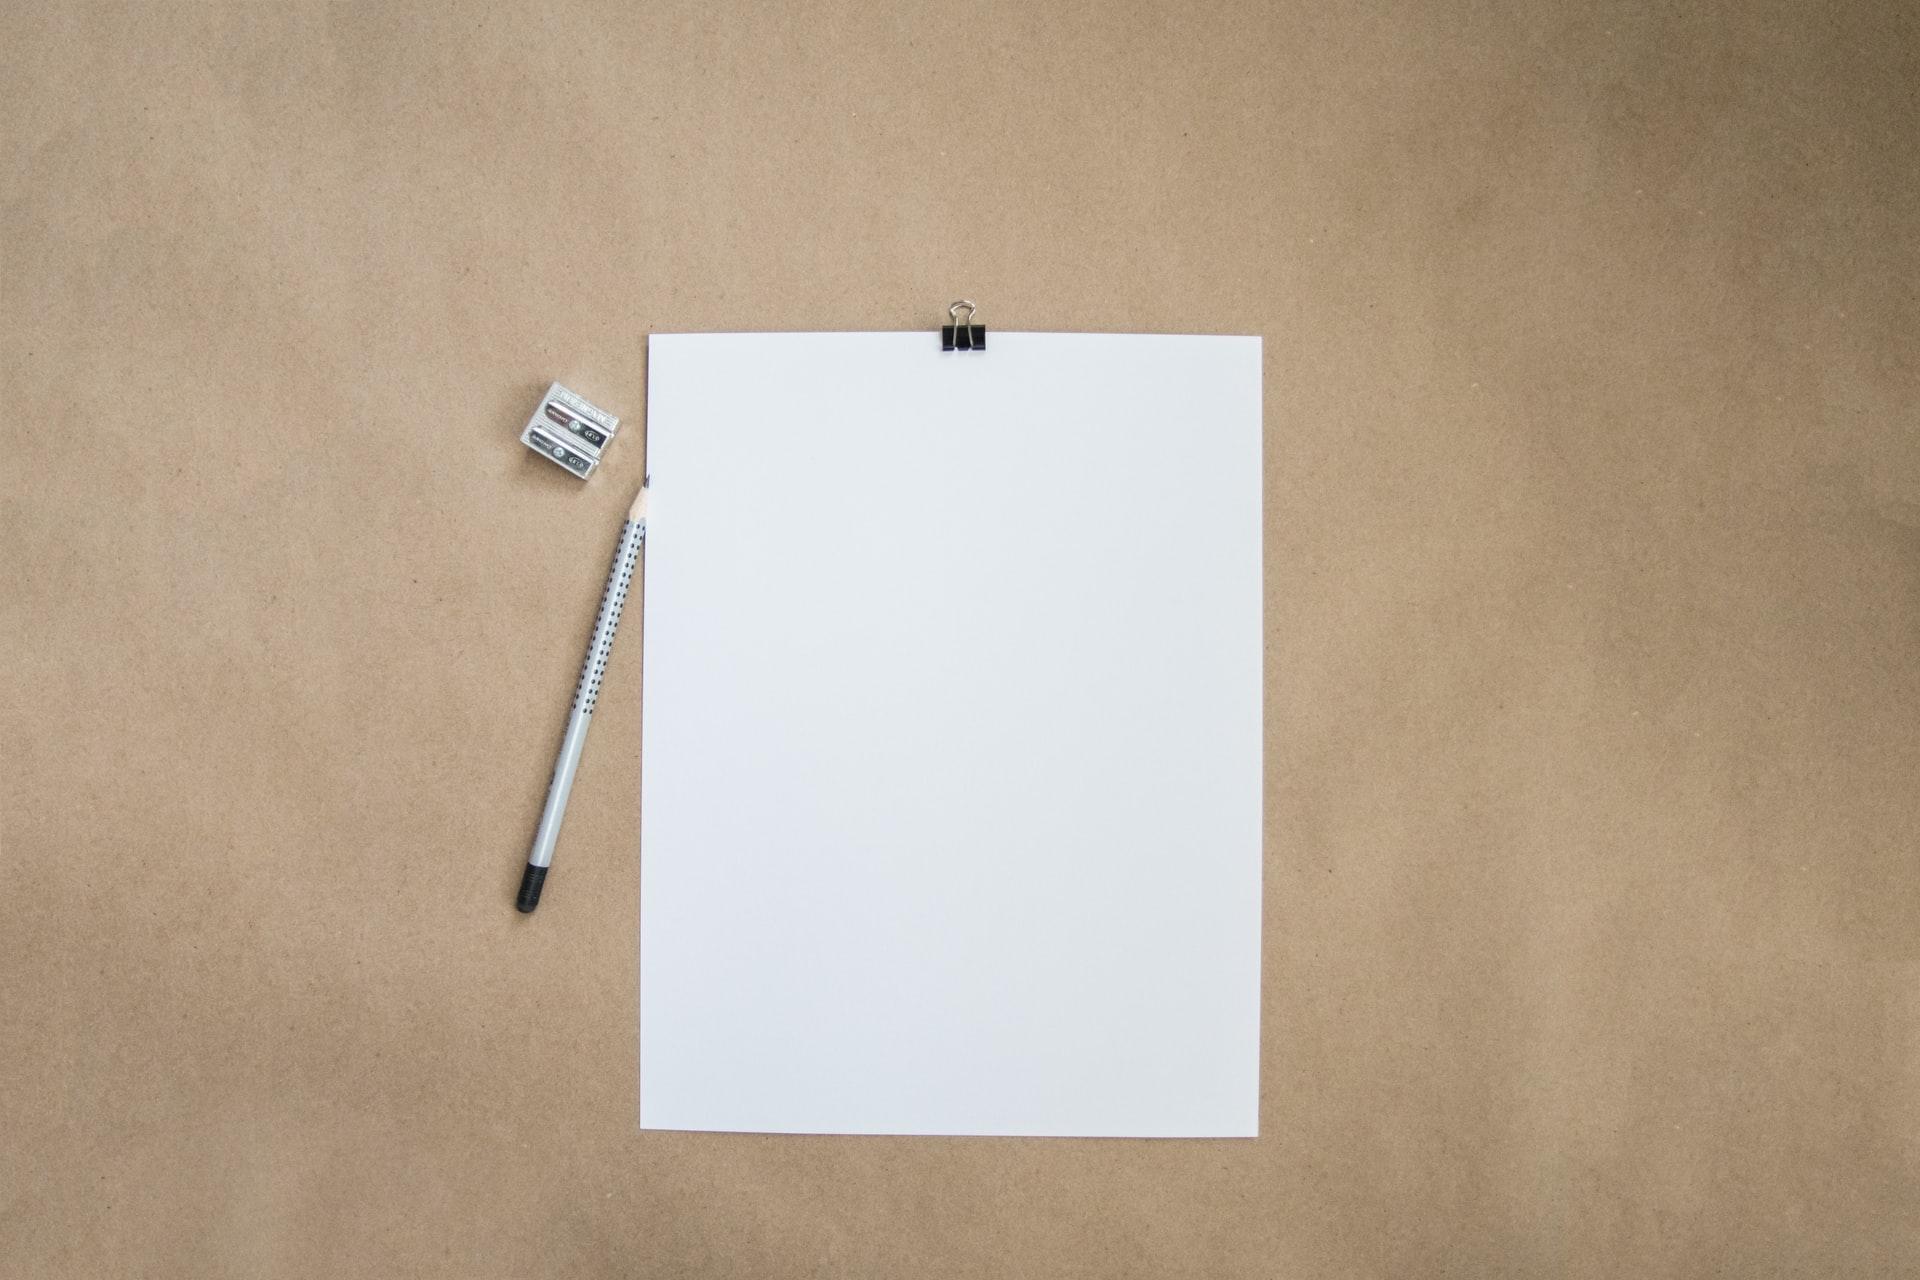 folha de papel em branco sobre a mesa